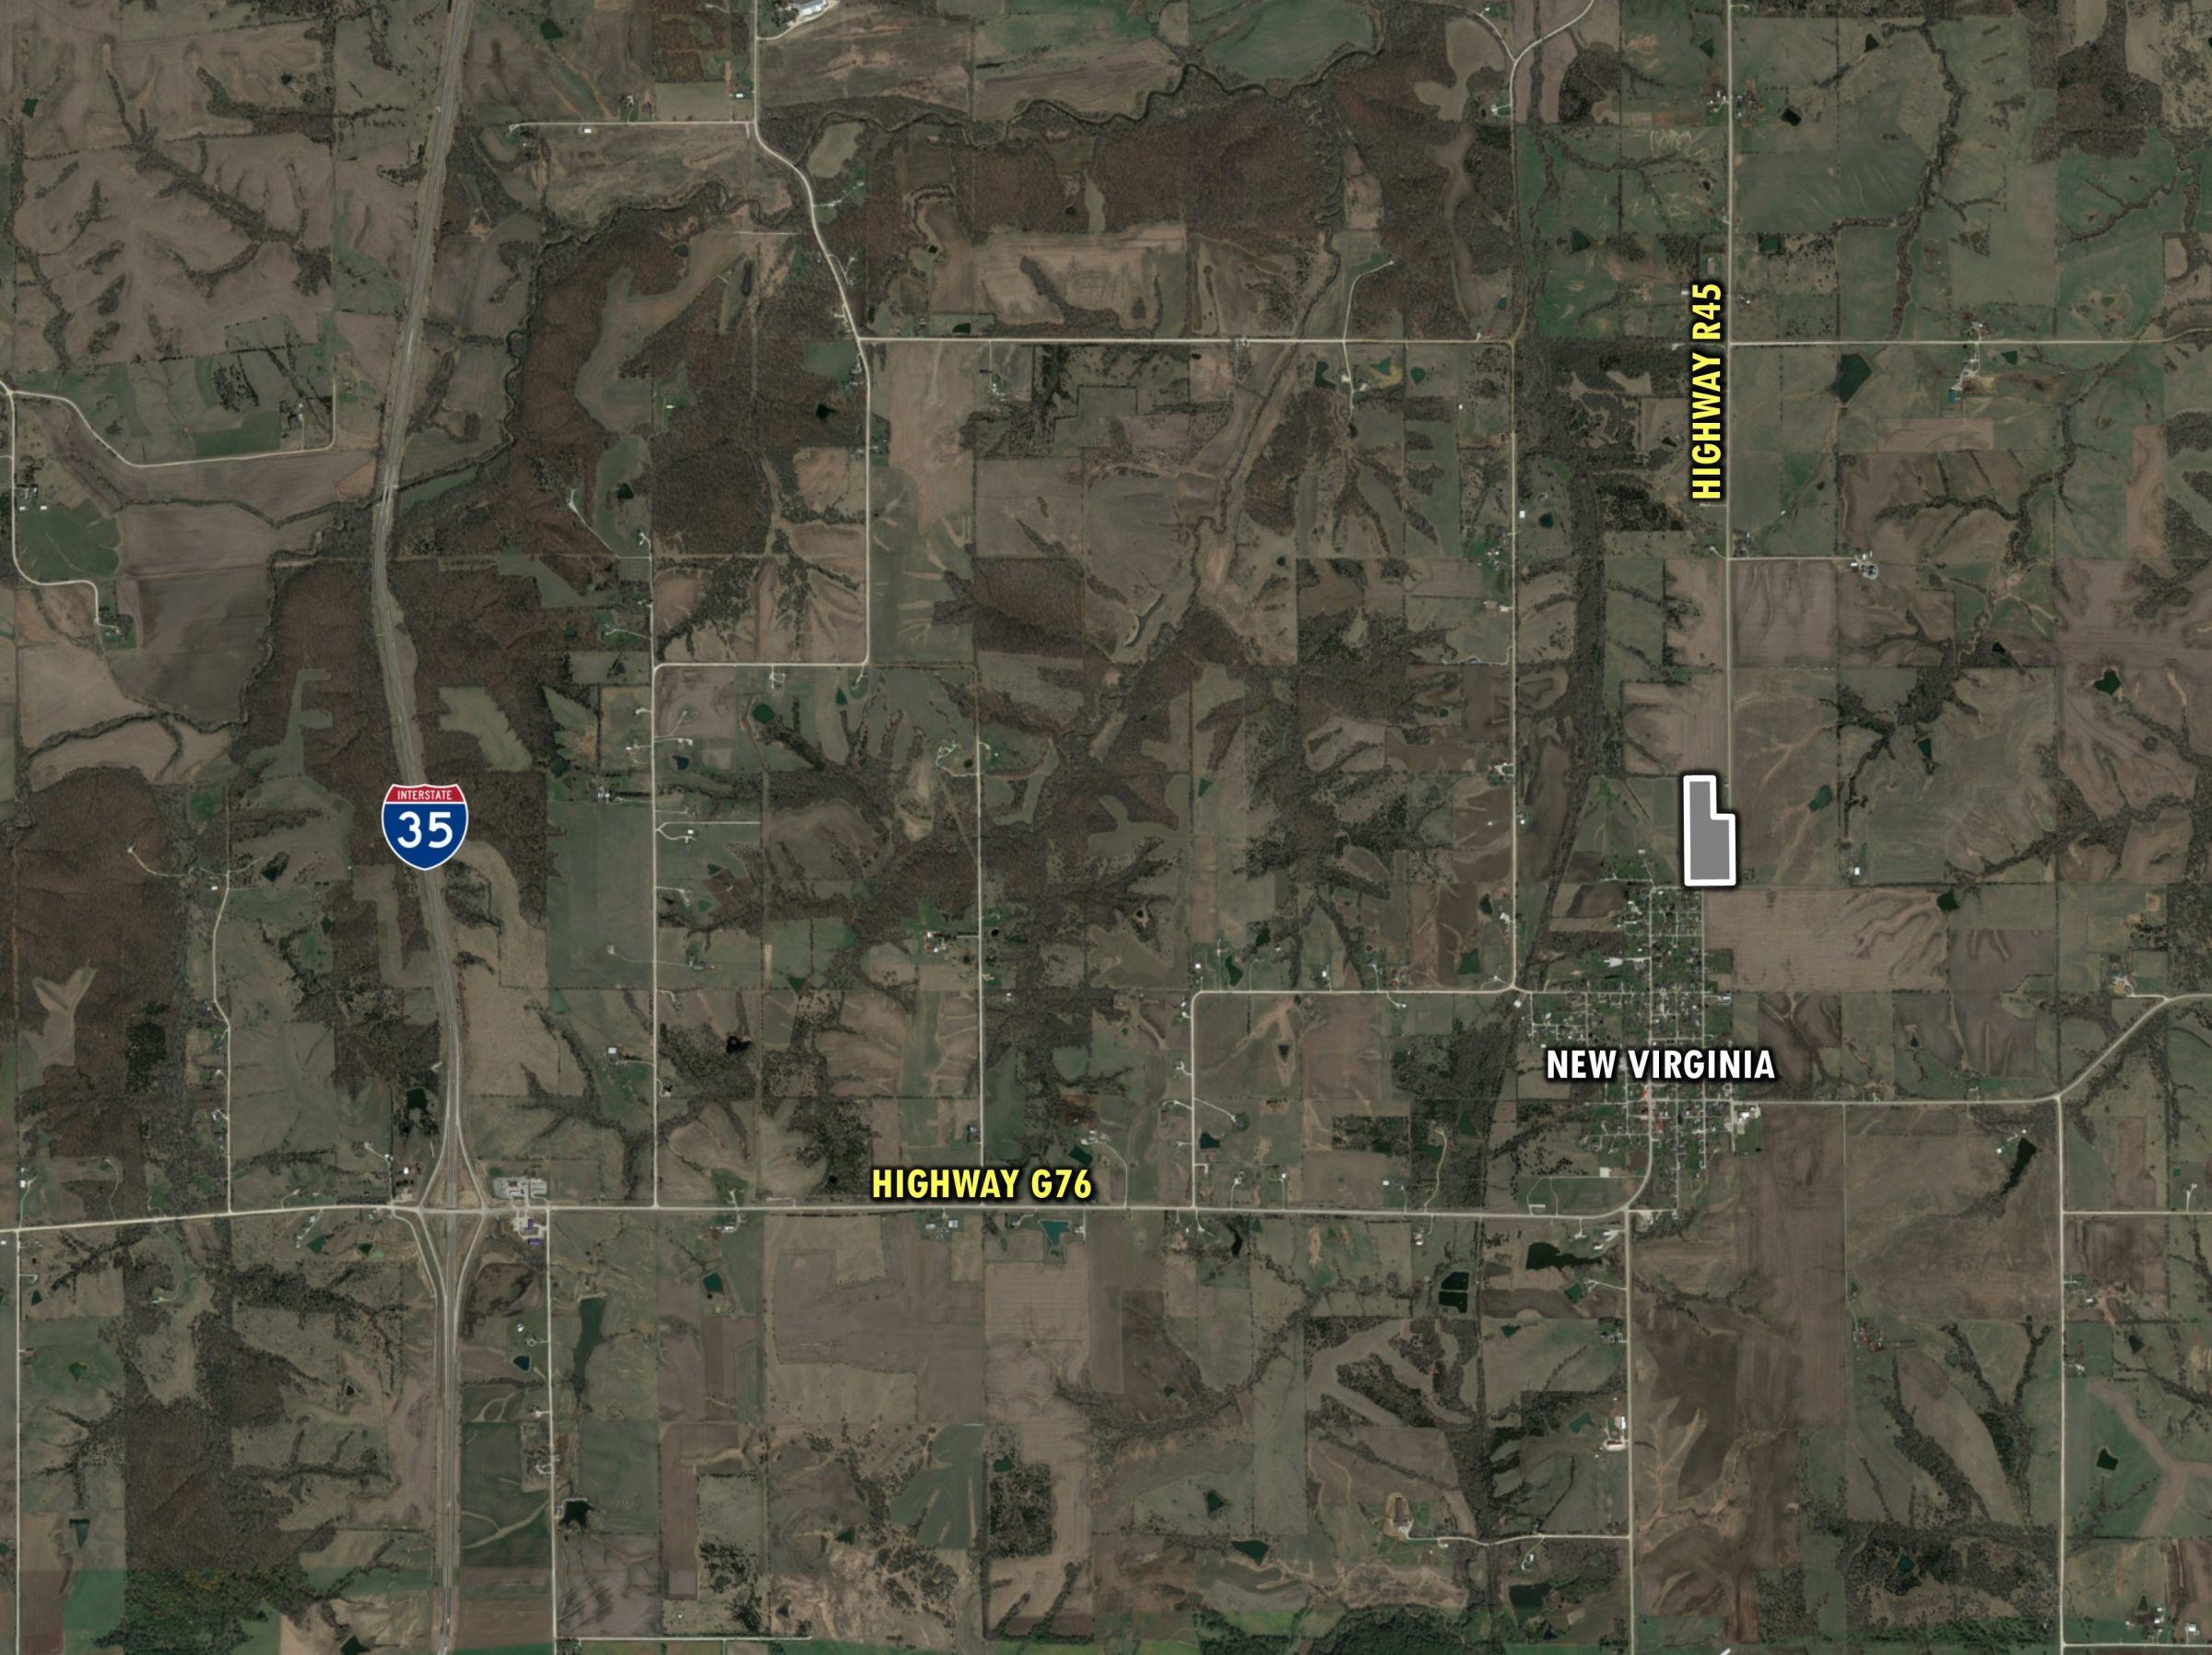 14515-highway-r45-new-virginia-50210-1-2019-05-08-142033.jpg